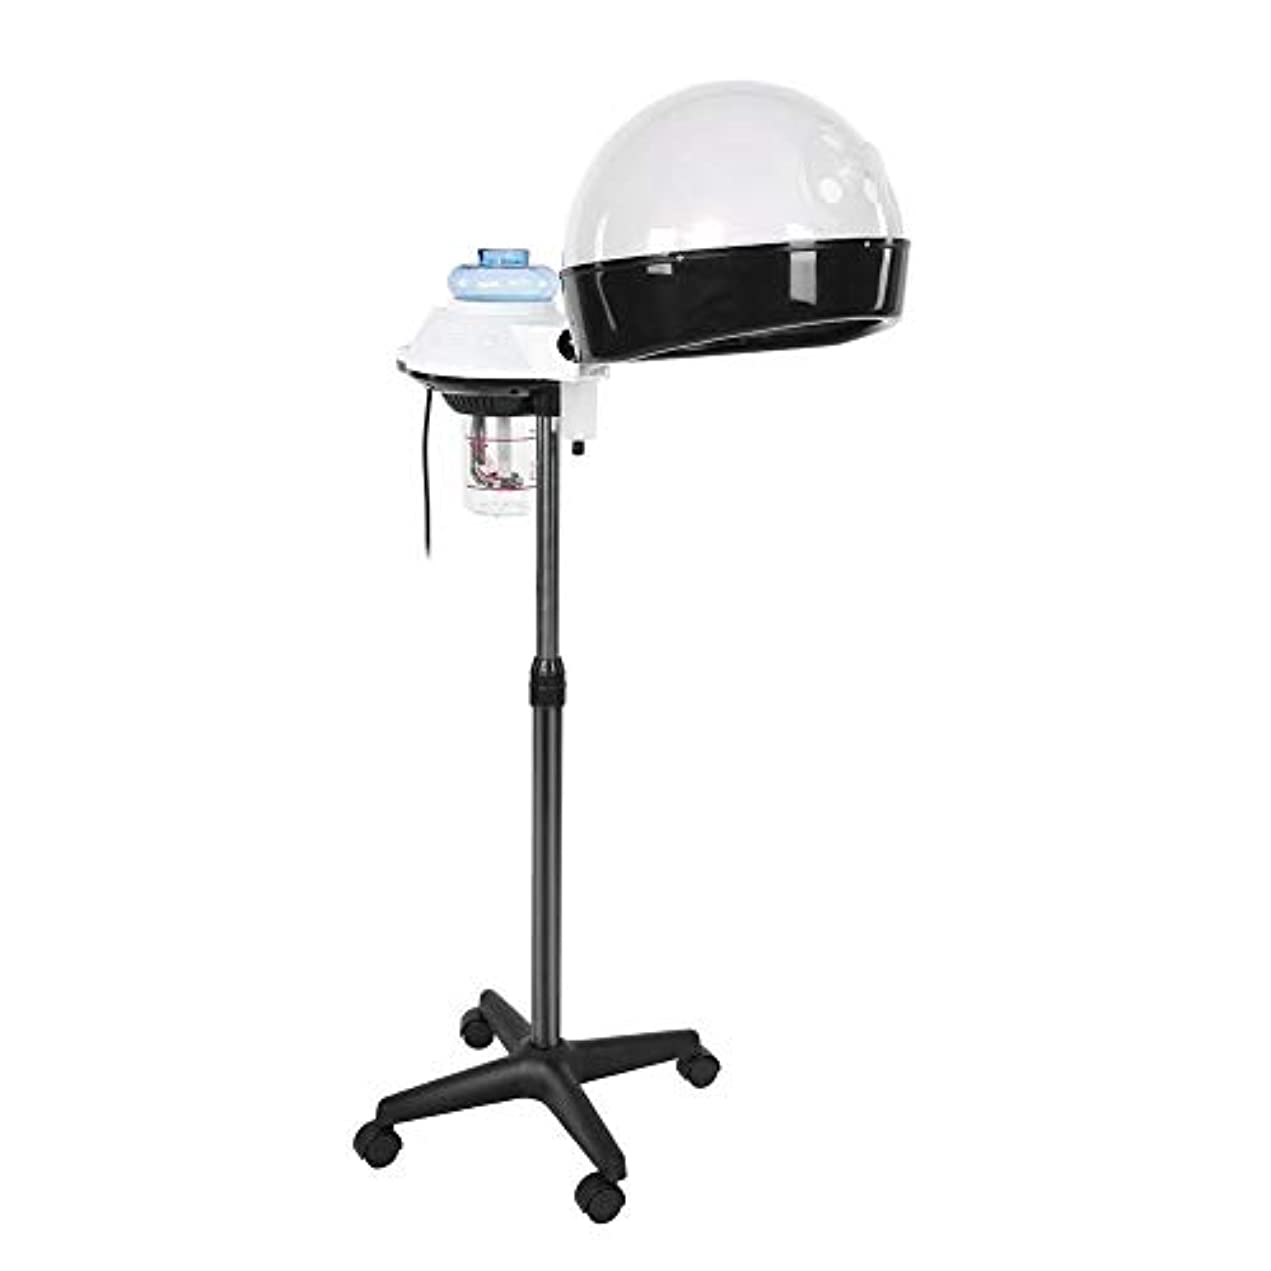 手がかりやりがいのある筋肉のヘア 加湿器 パーソナルケア用のデザイン ホットミストオゾンヘアセラピー美容機器 個人用家庭用 (US)